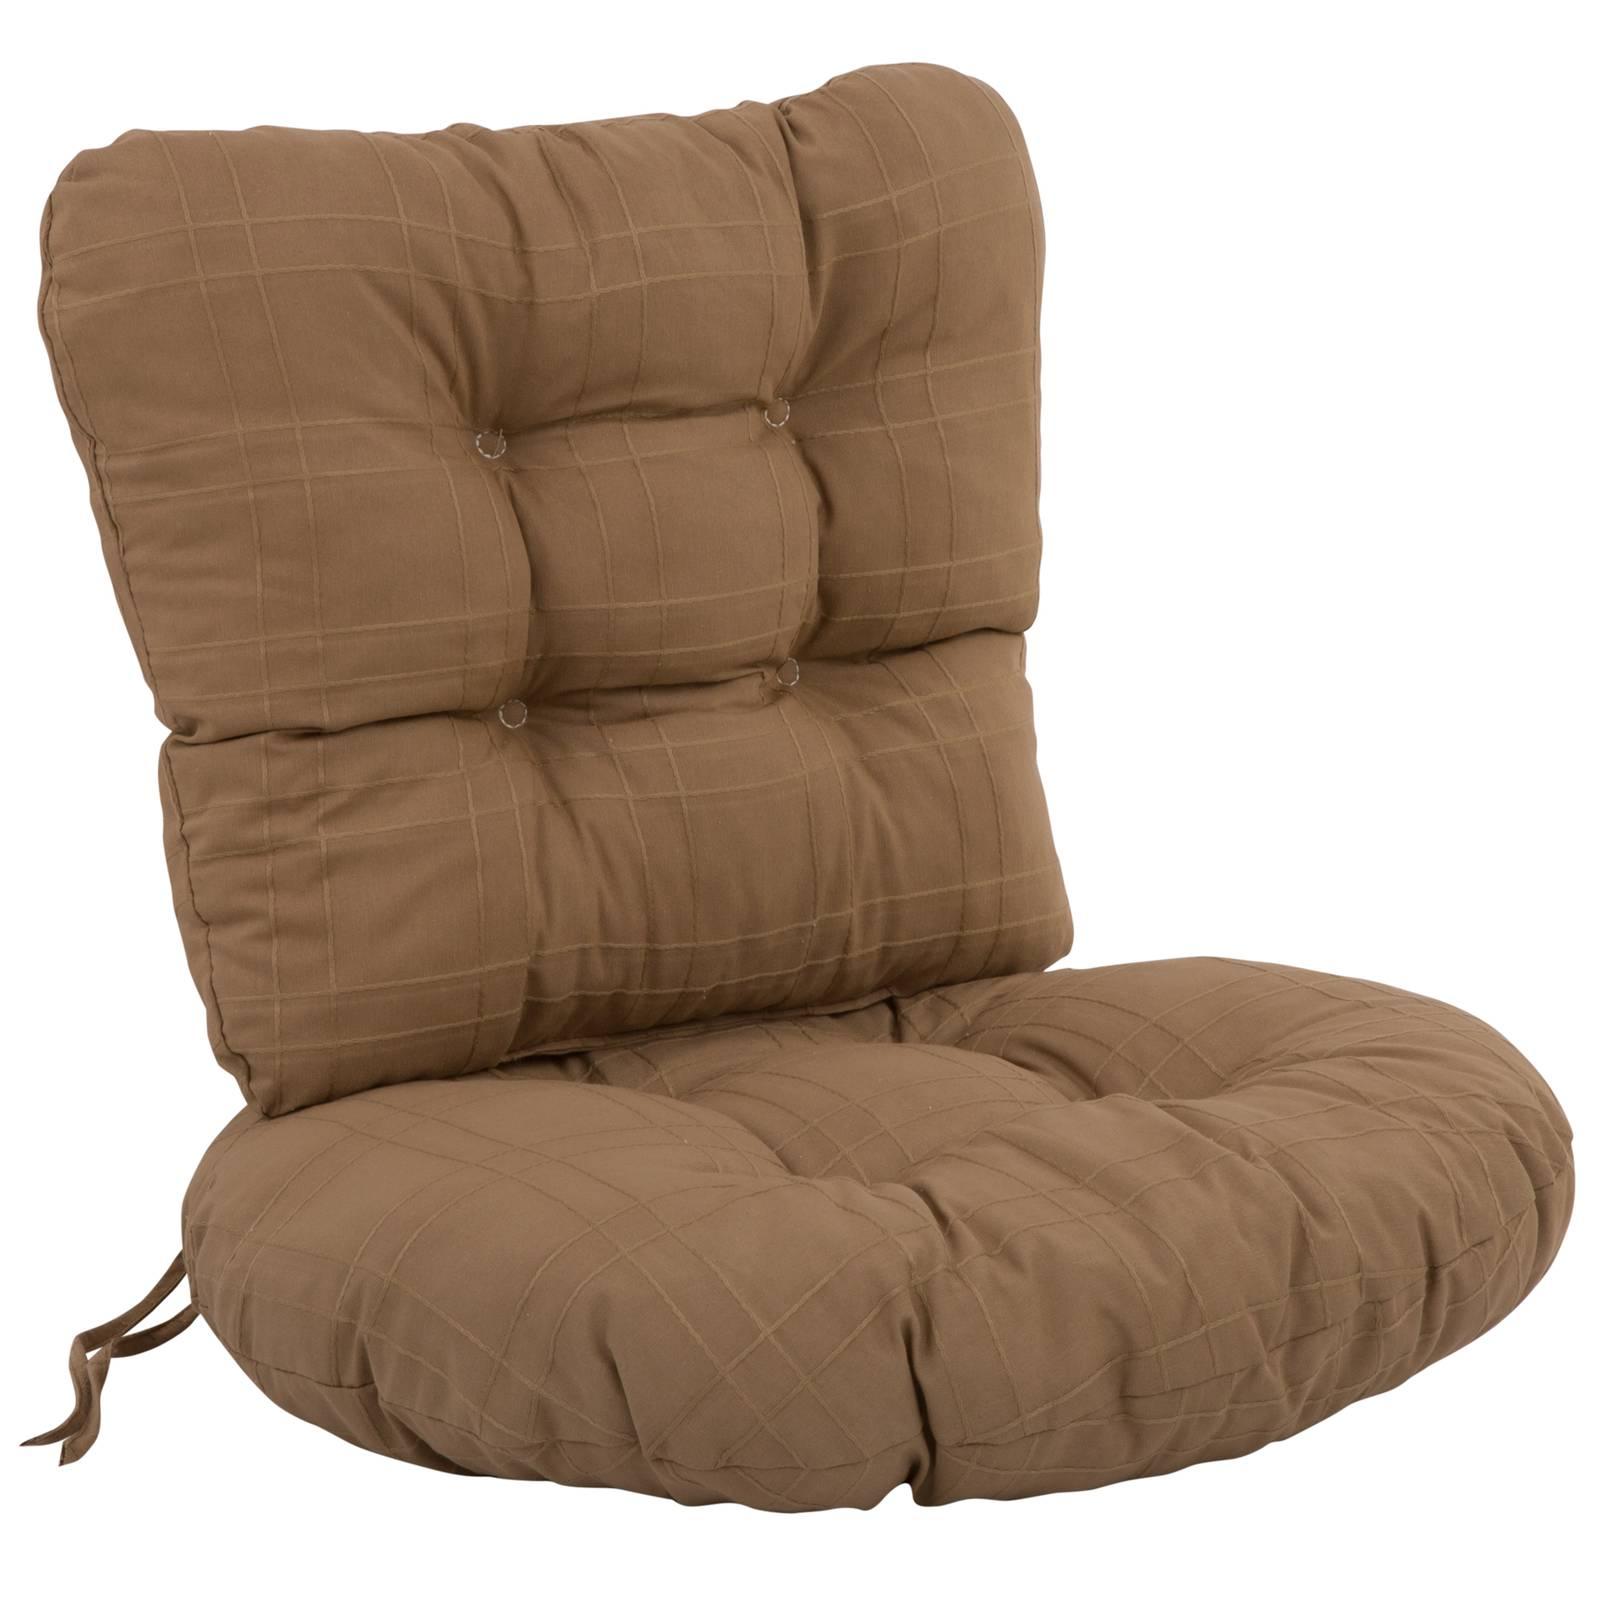 Poduszki na fotel 55 cm Marocco D016-04LB PATIO